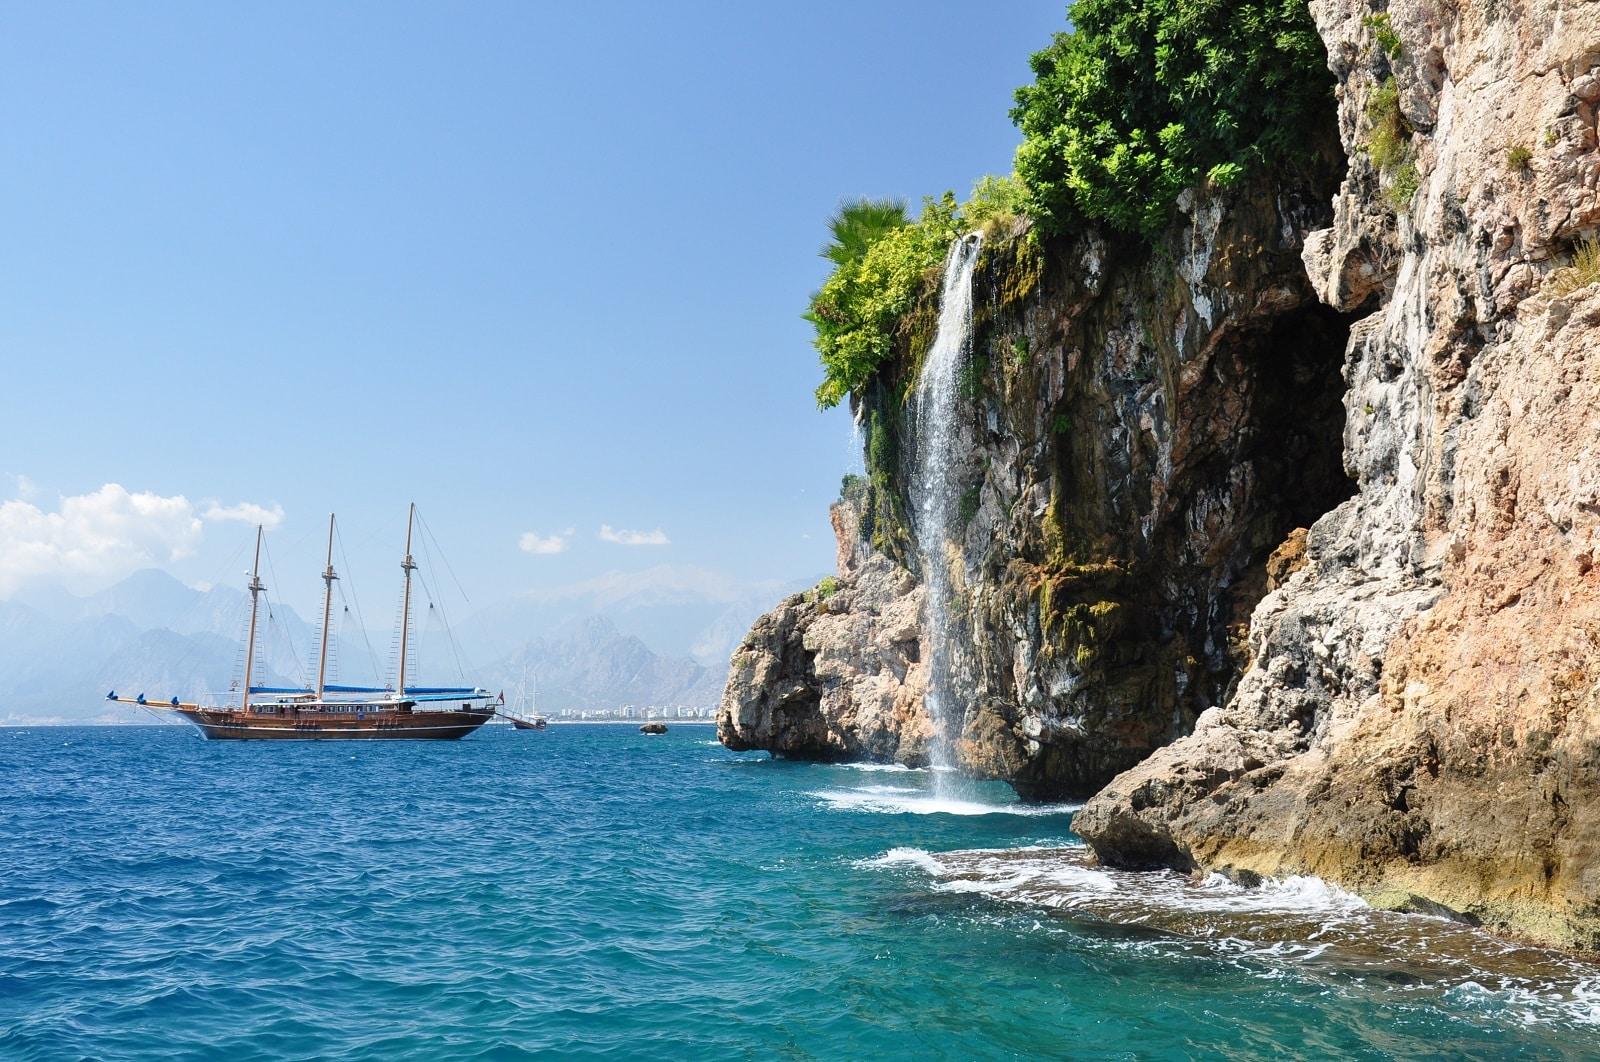 Goedkope vliegtickets naar Antalya